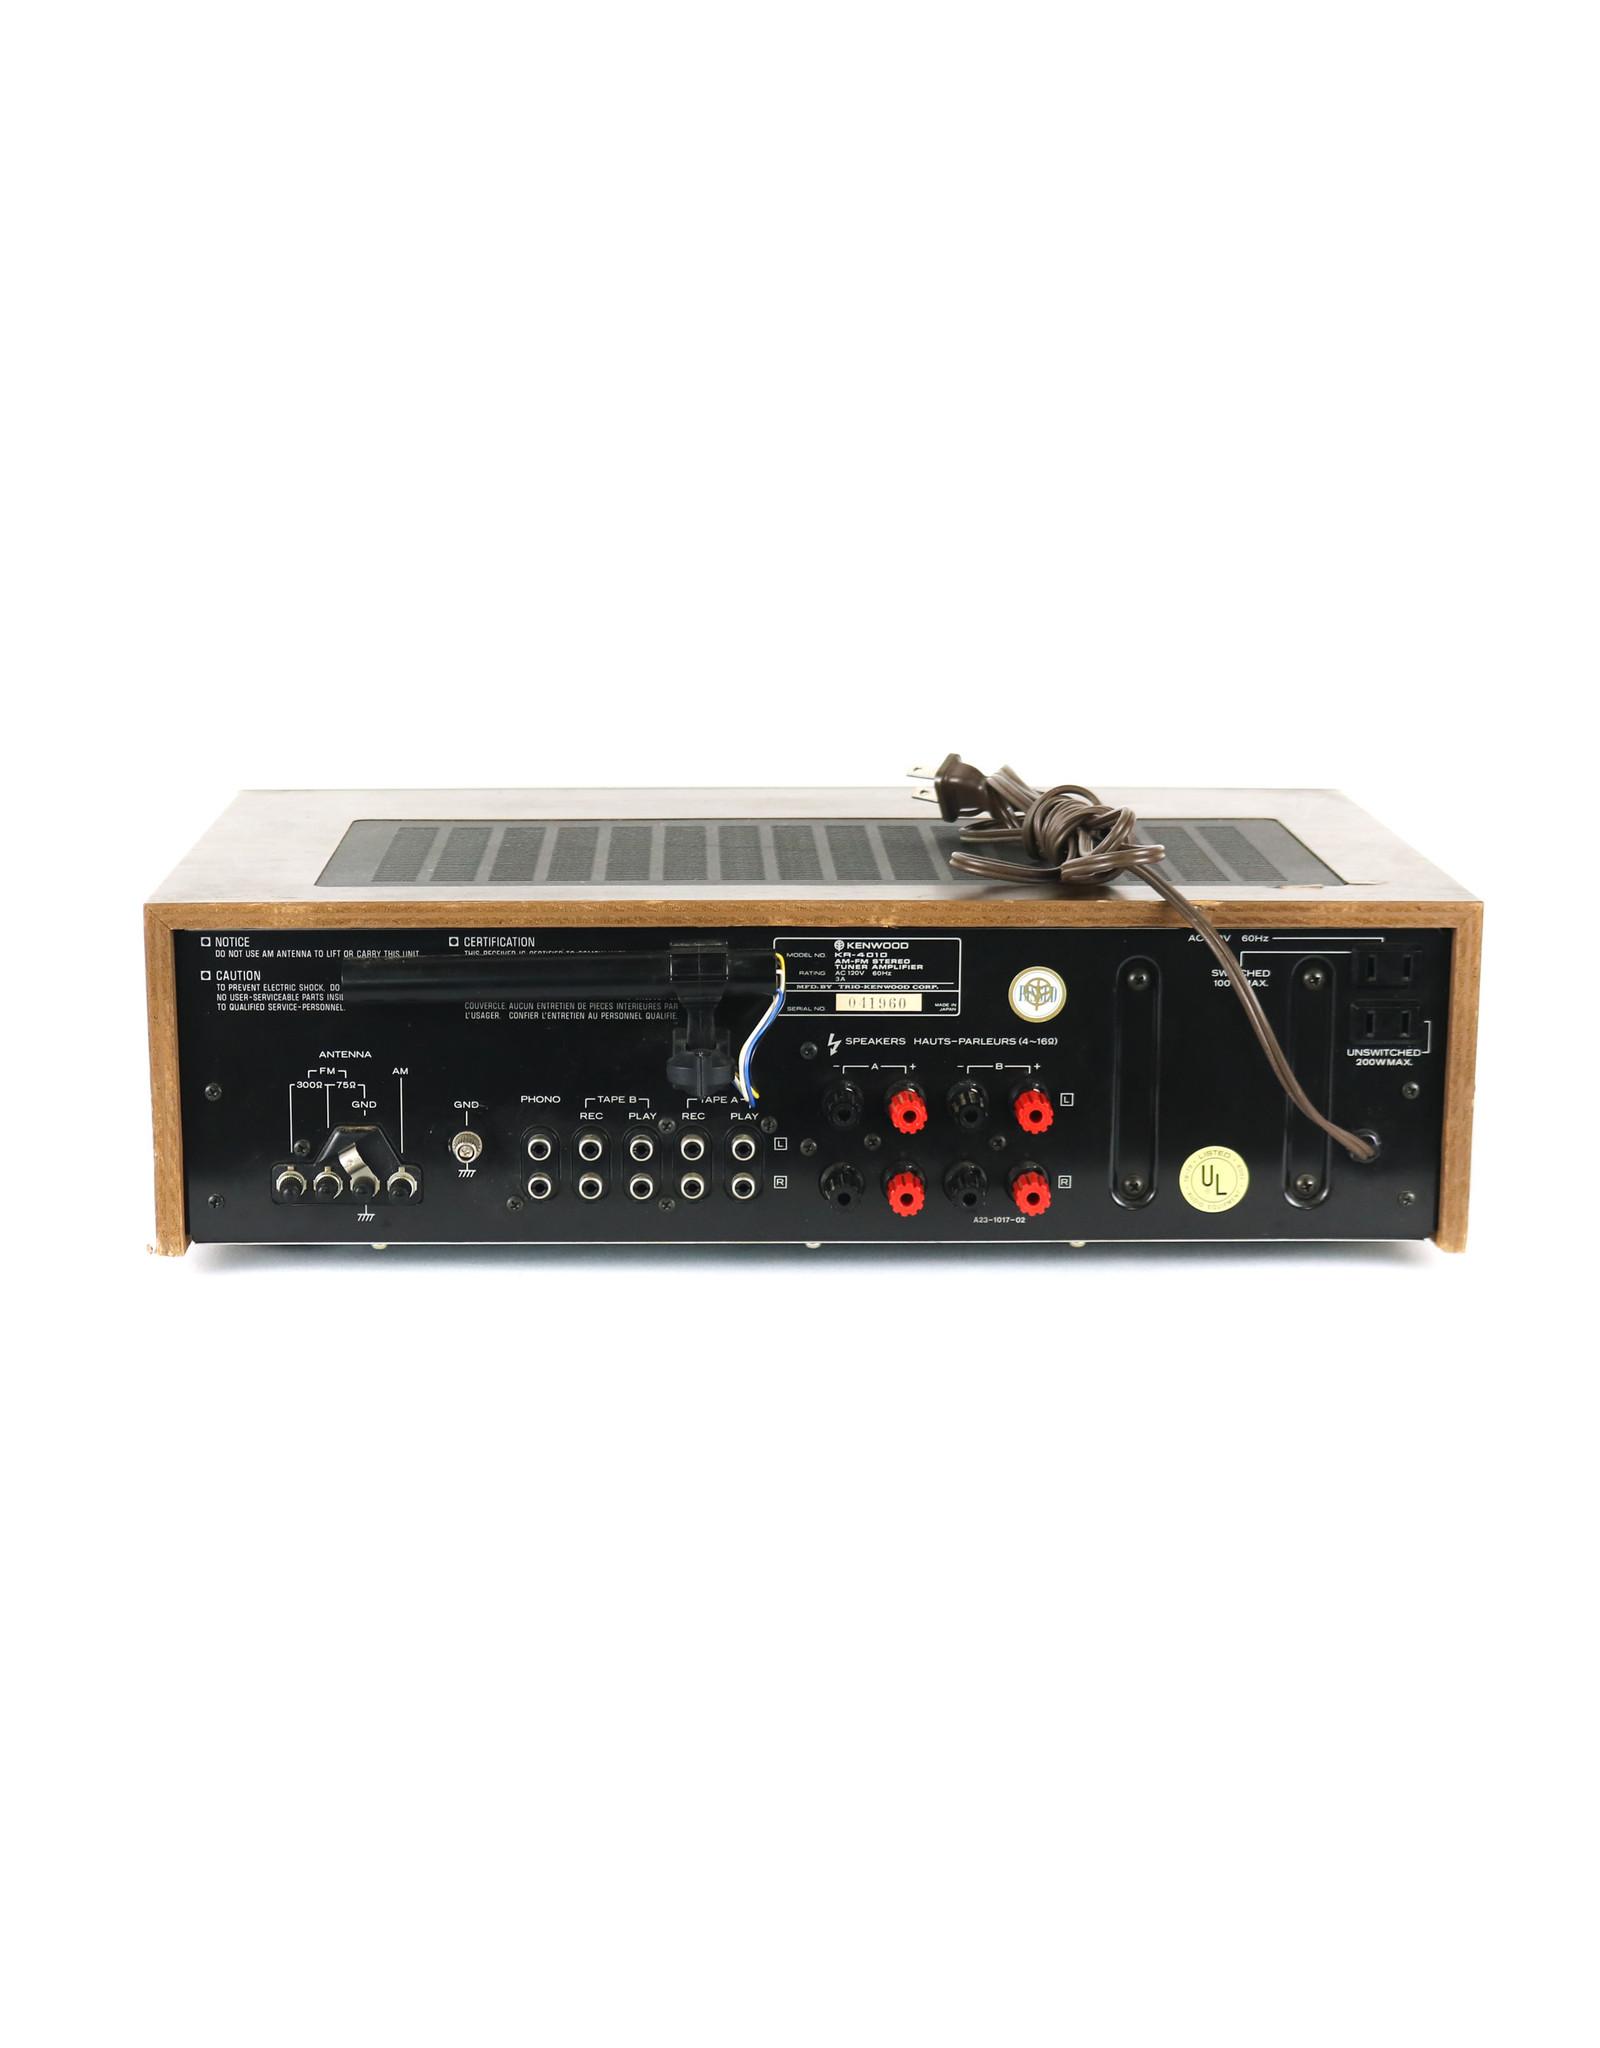 Kenwood Kenwood KR-4010 Receiver USED